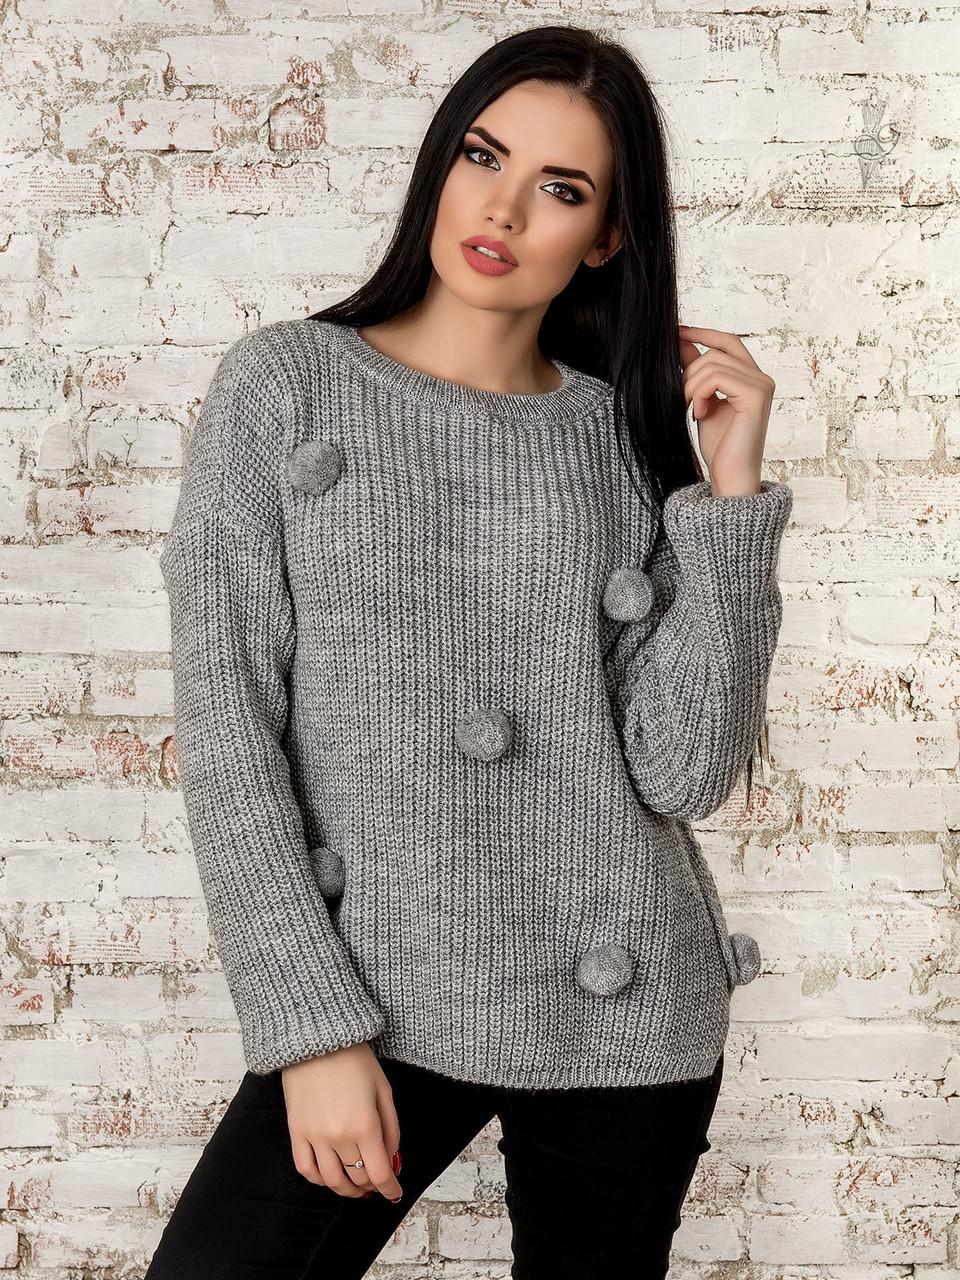 Женский свитер оверсайз Алиса-2 из шерсти и акрила